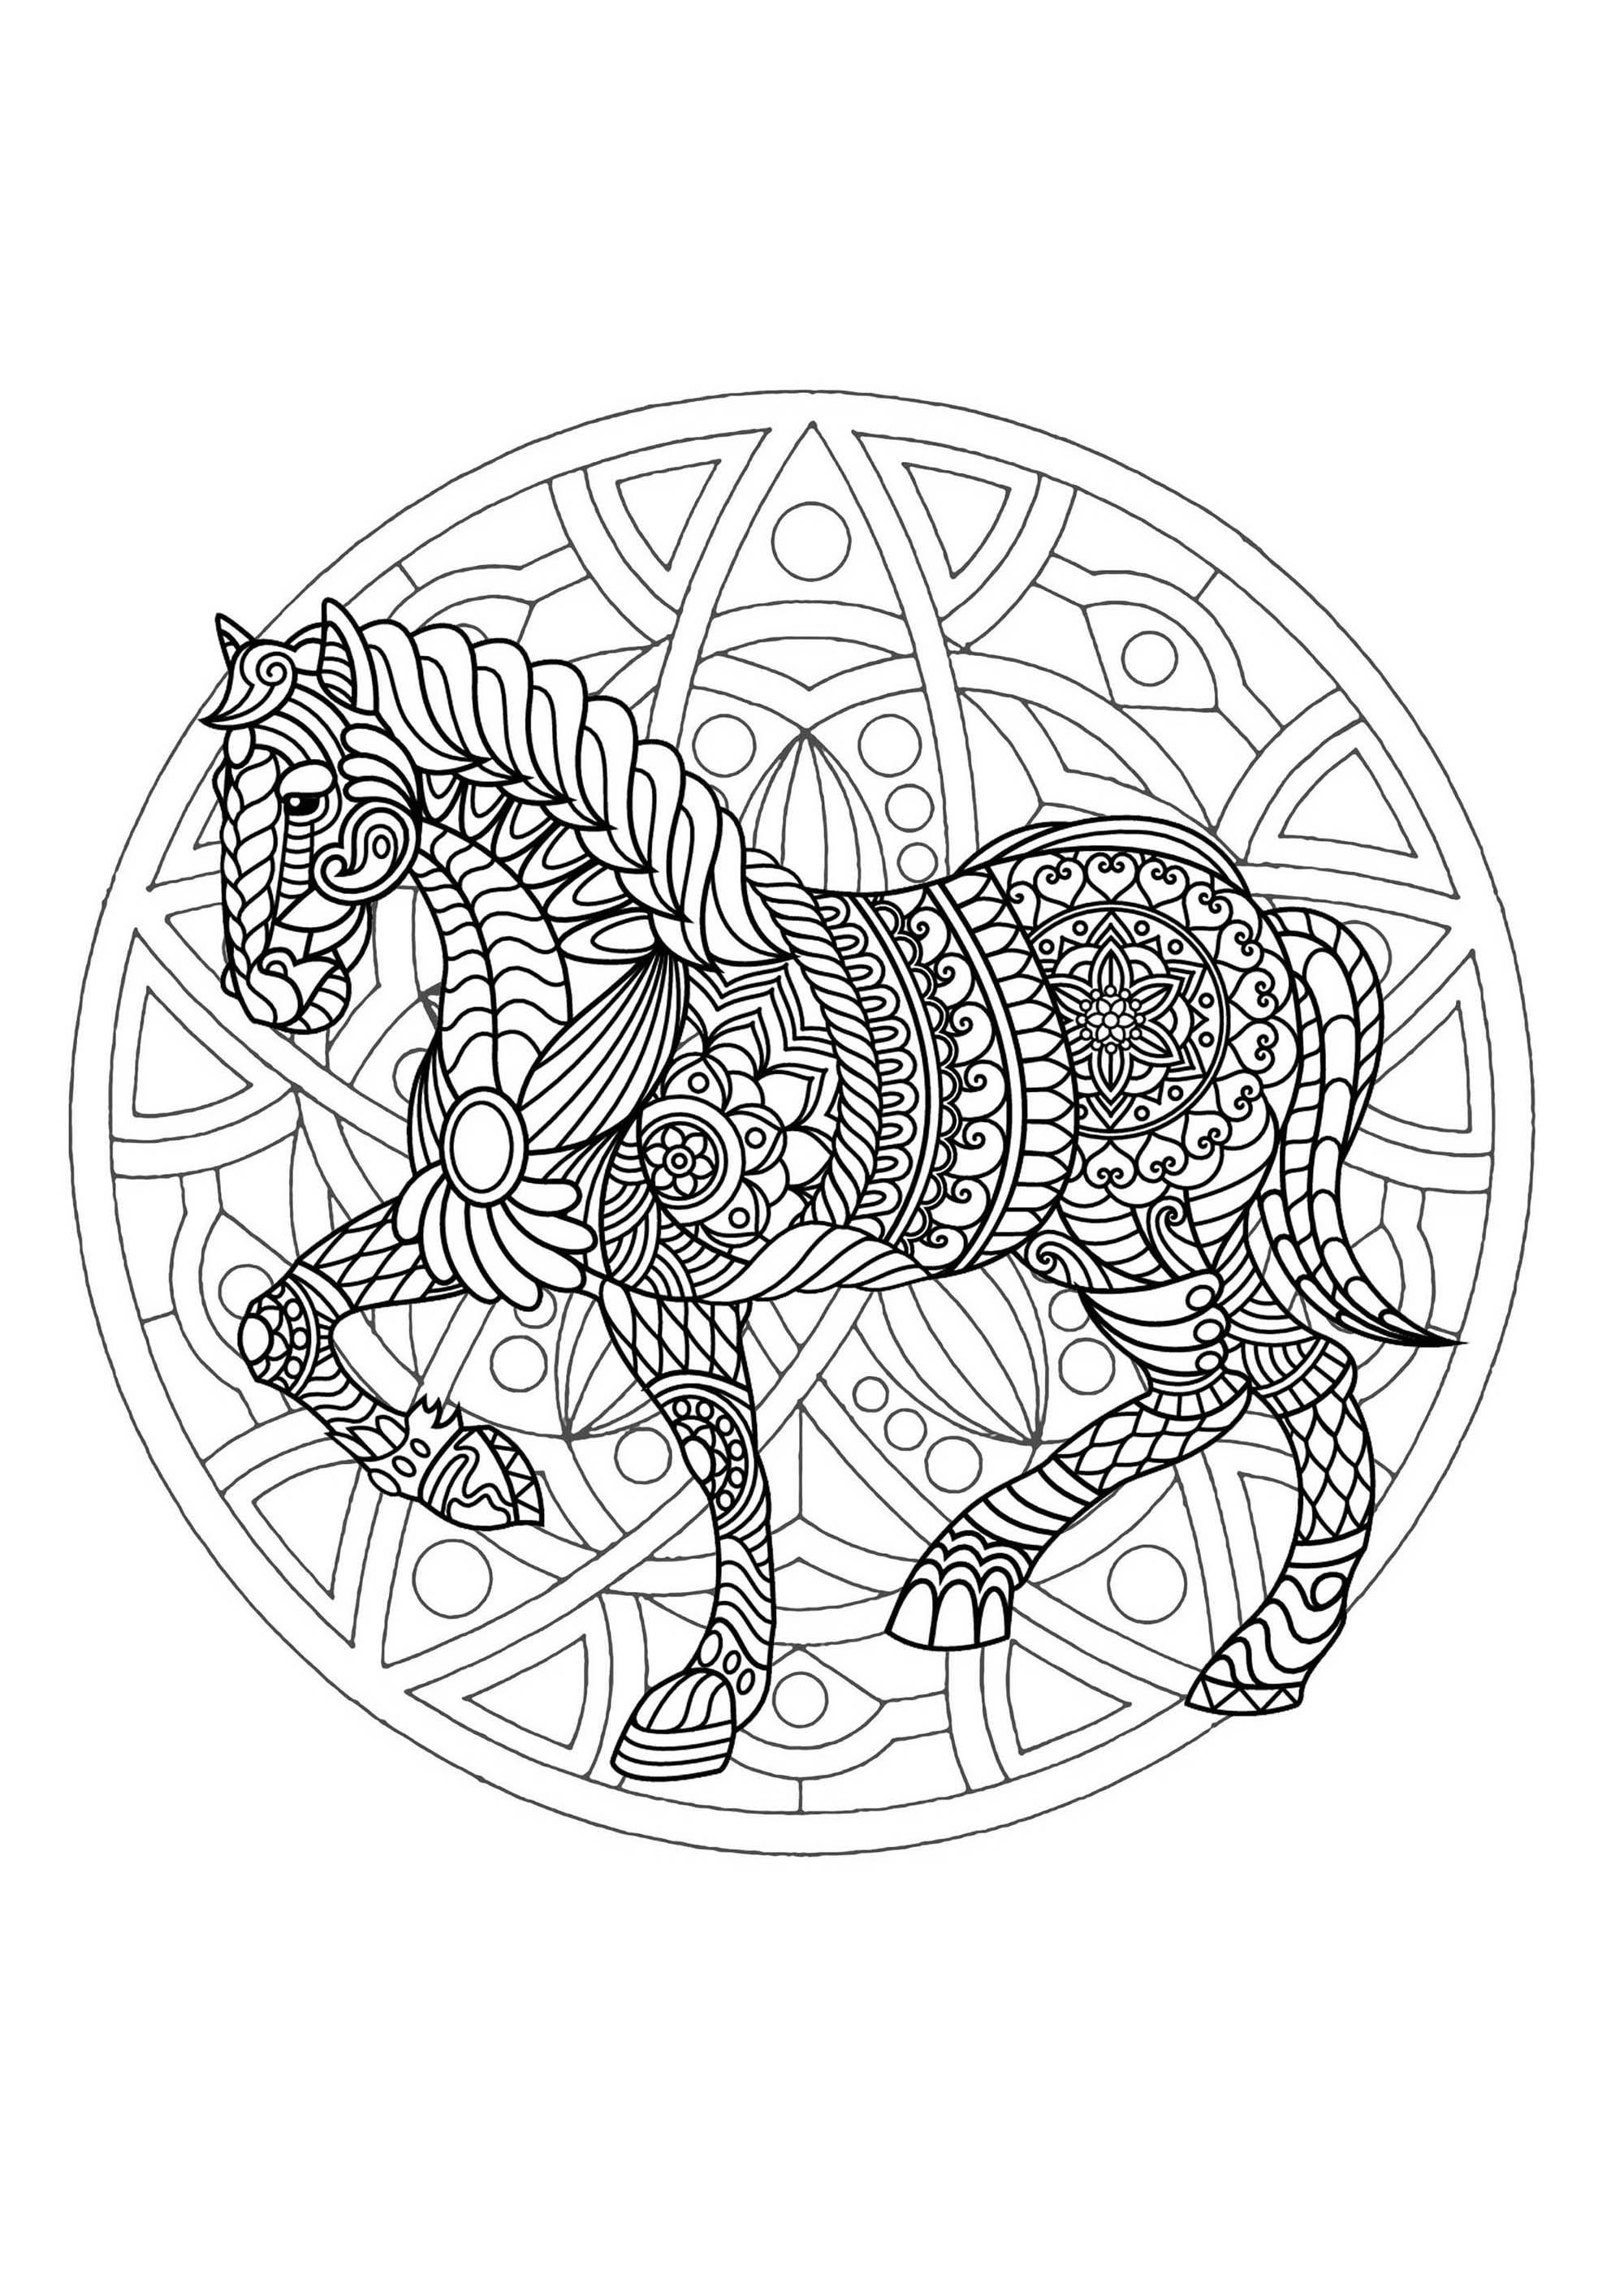 Mandala cheval 1 mandalas difficiles pour adultes - Mandala difficile a imprimer ...